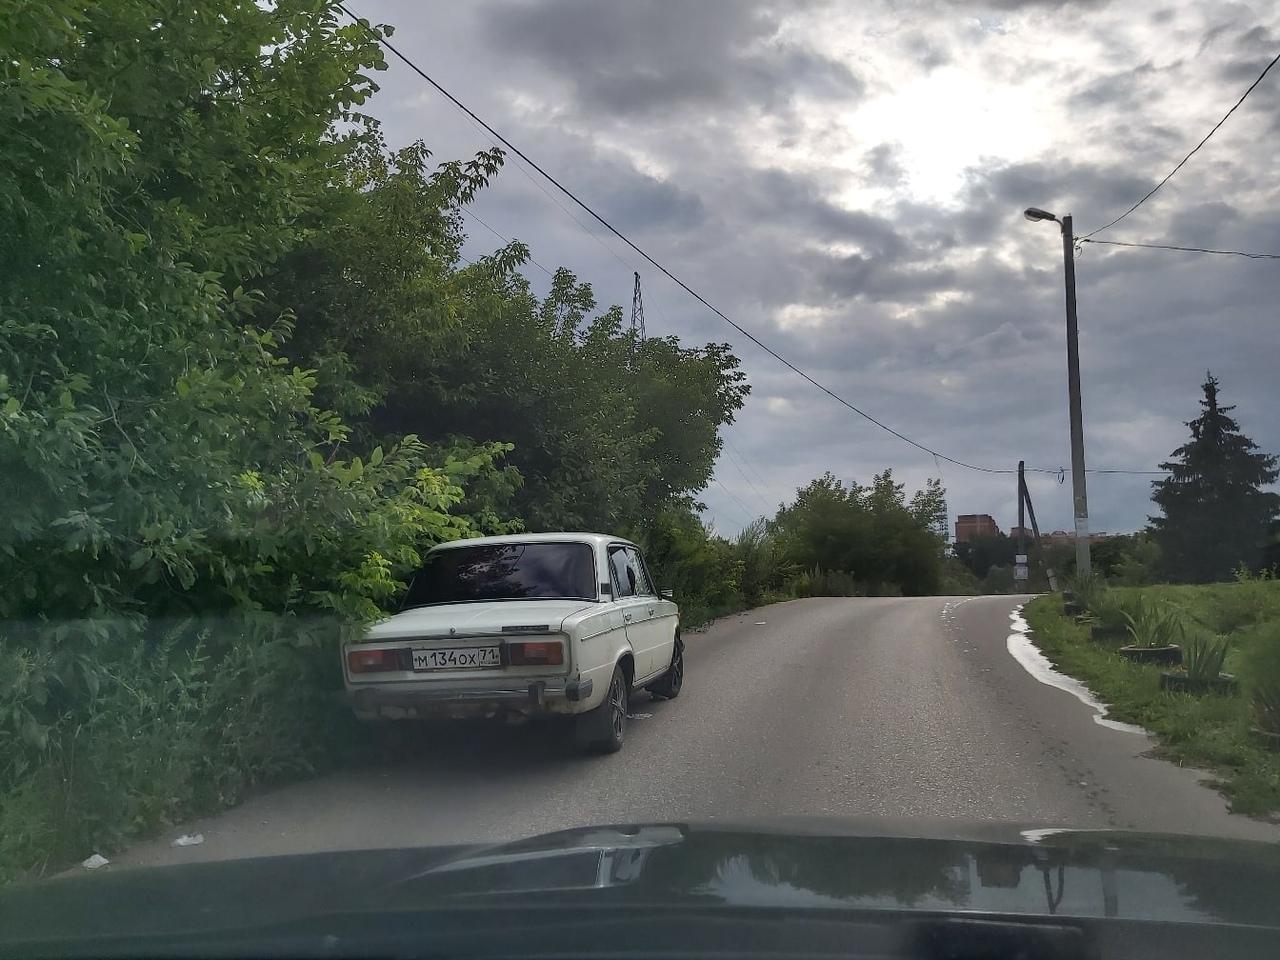 Двое молодых людей съездили в Тулу по делам на угнанной машине: домой вернулись уже на другой